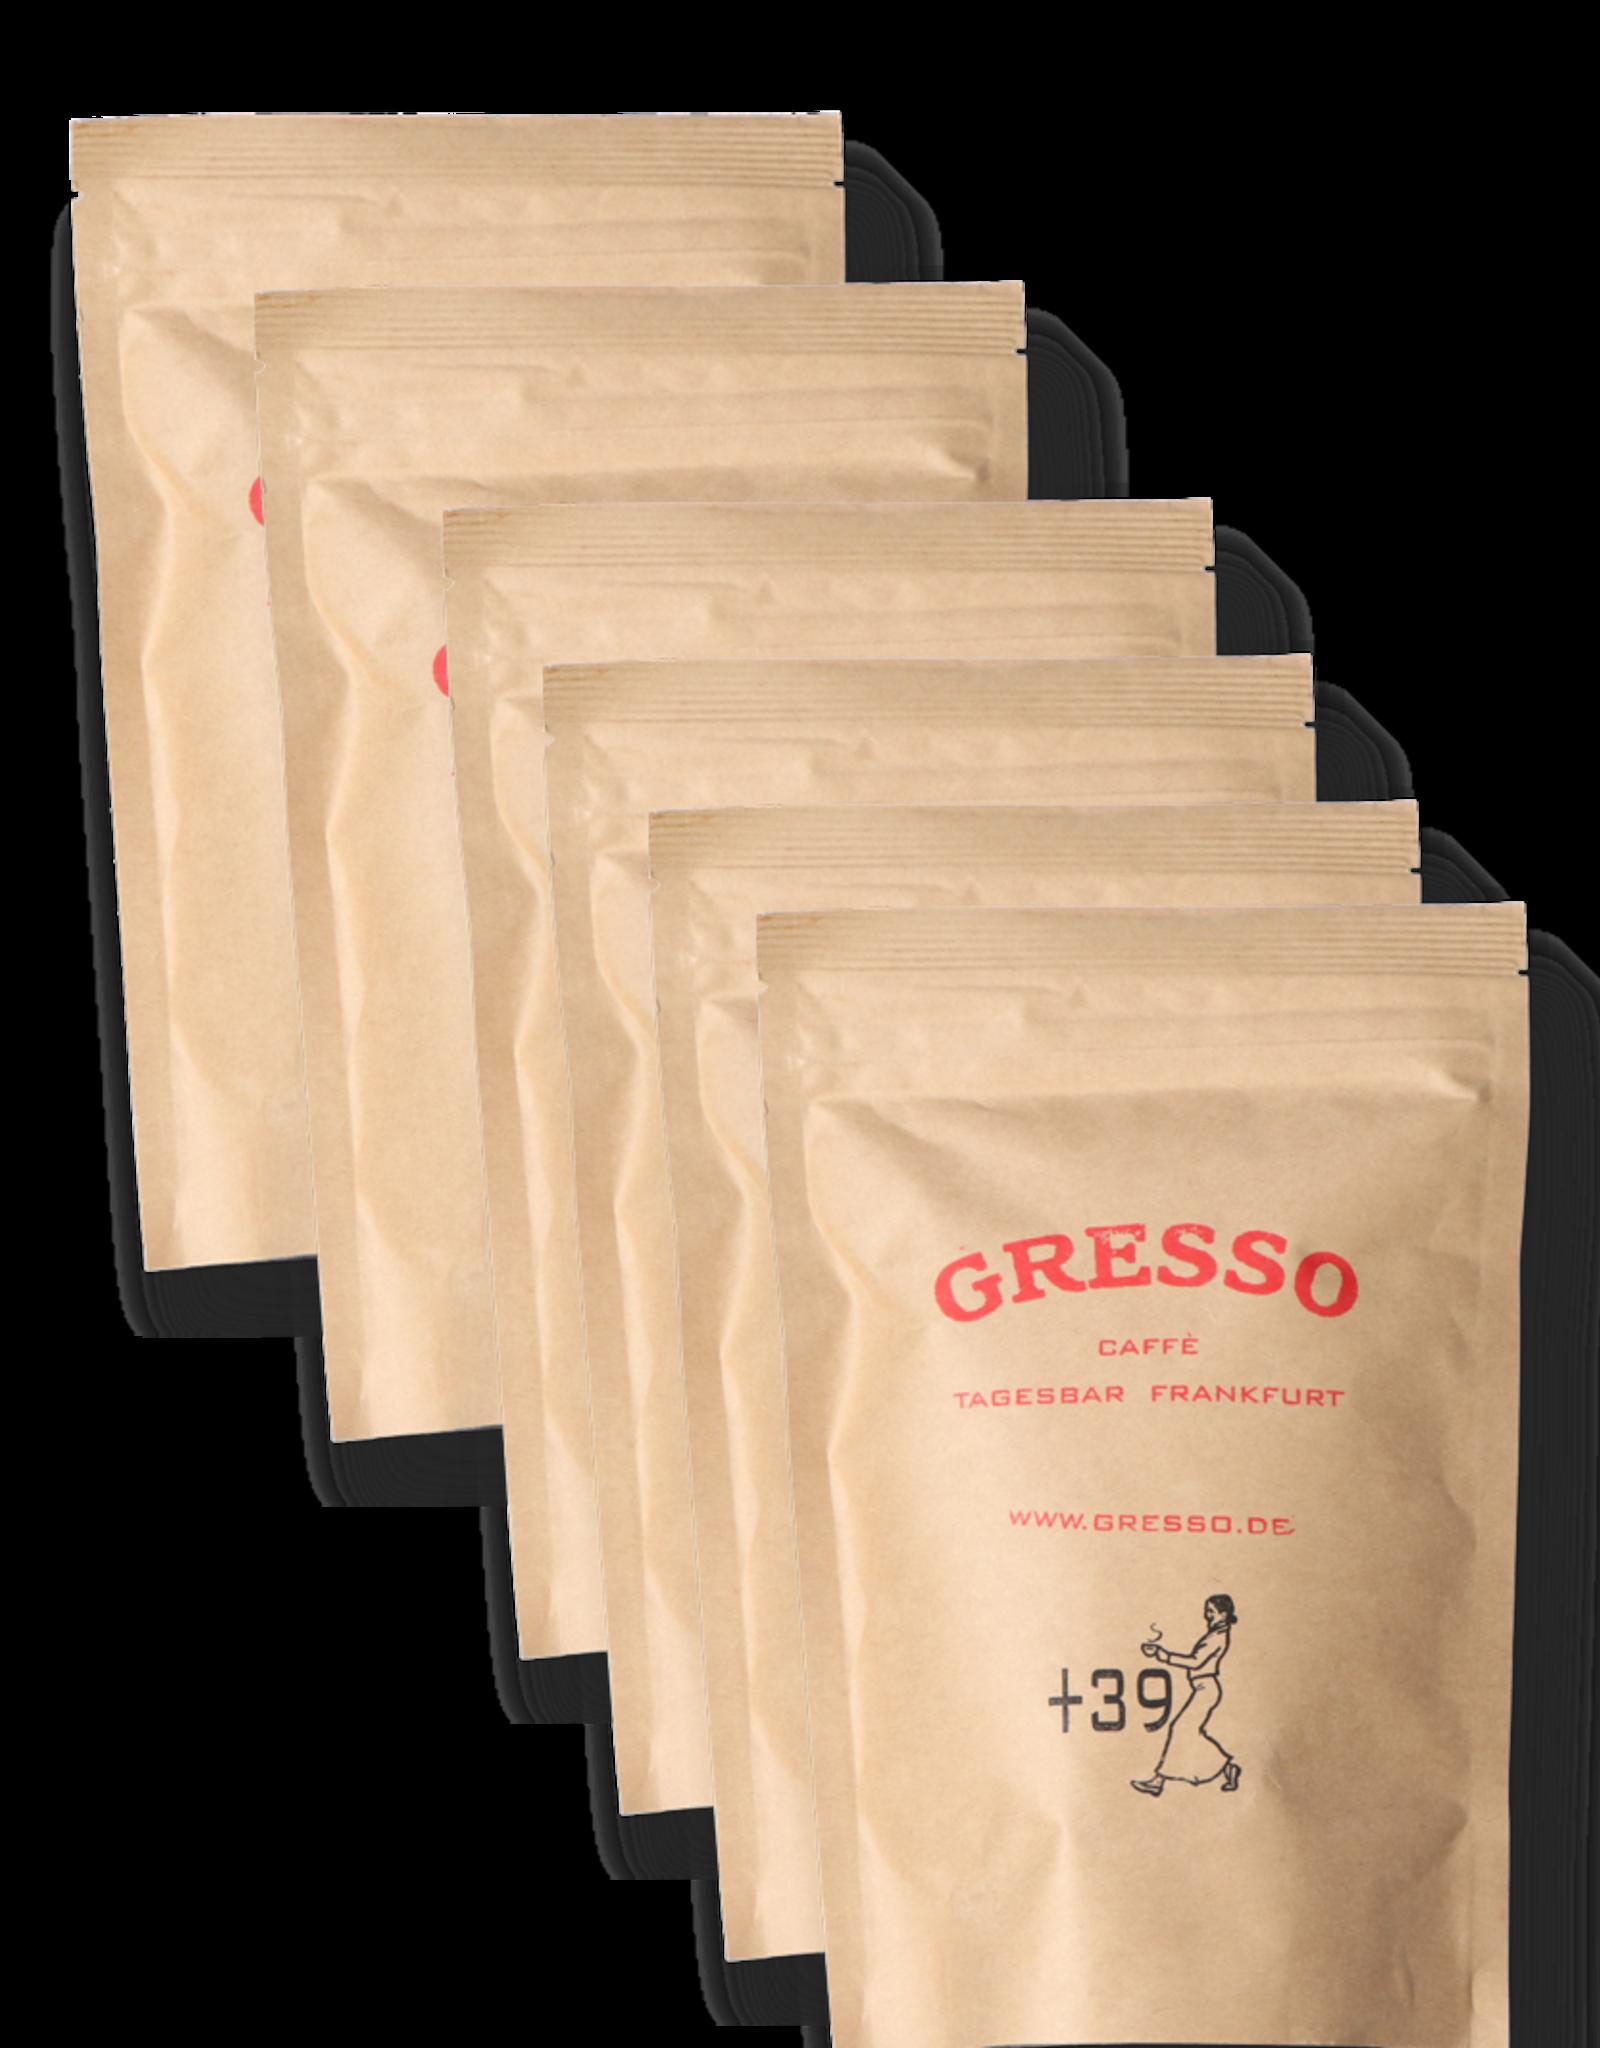 GRESSO Caffè +39 Der Italiener 80 % Arabica, 20% Robusta